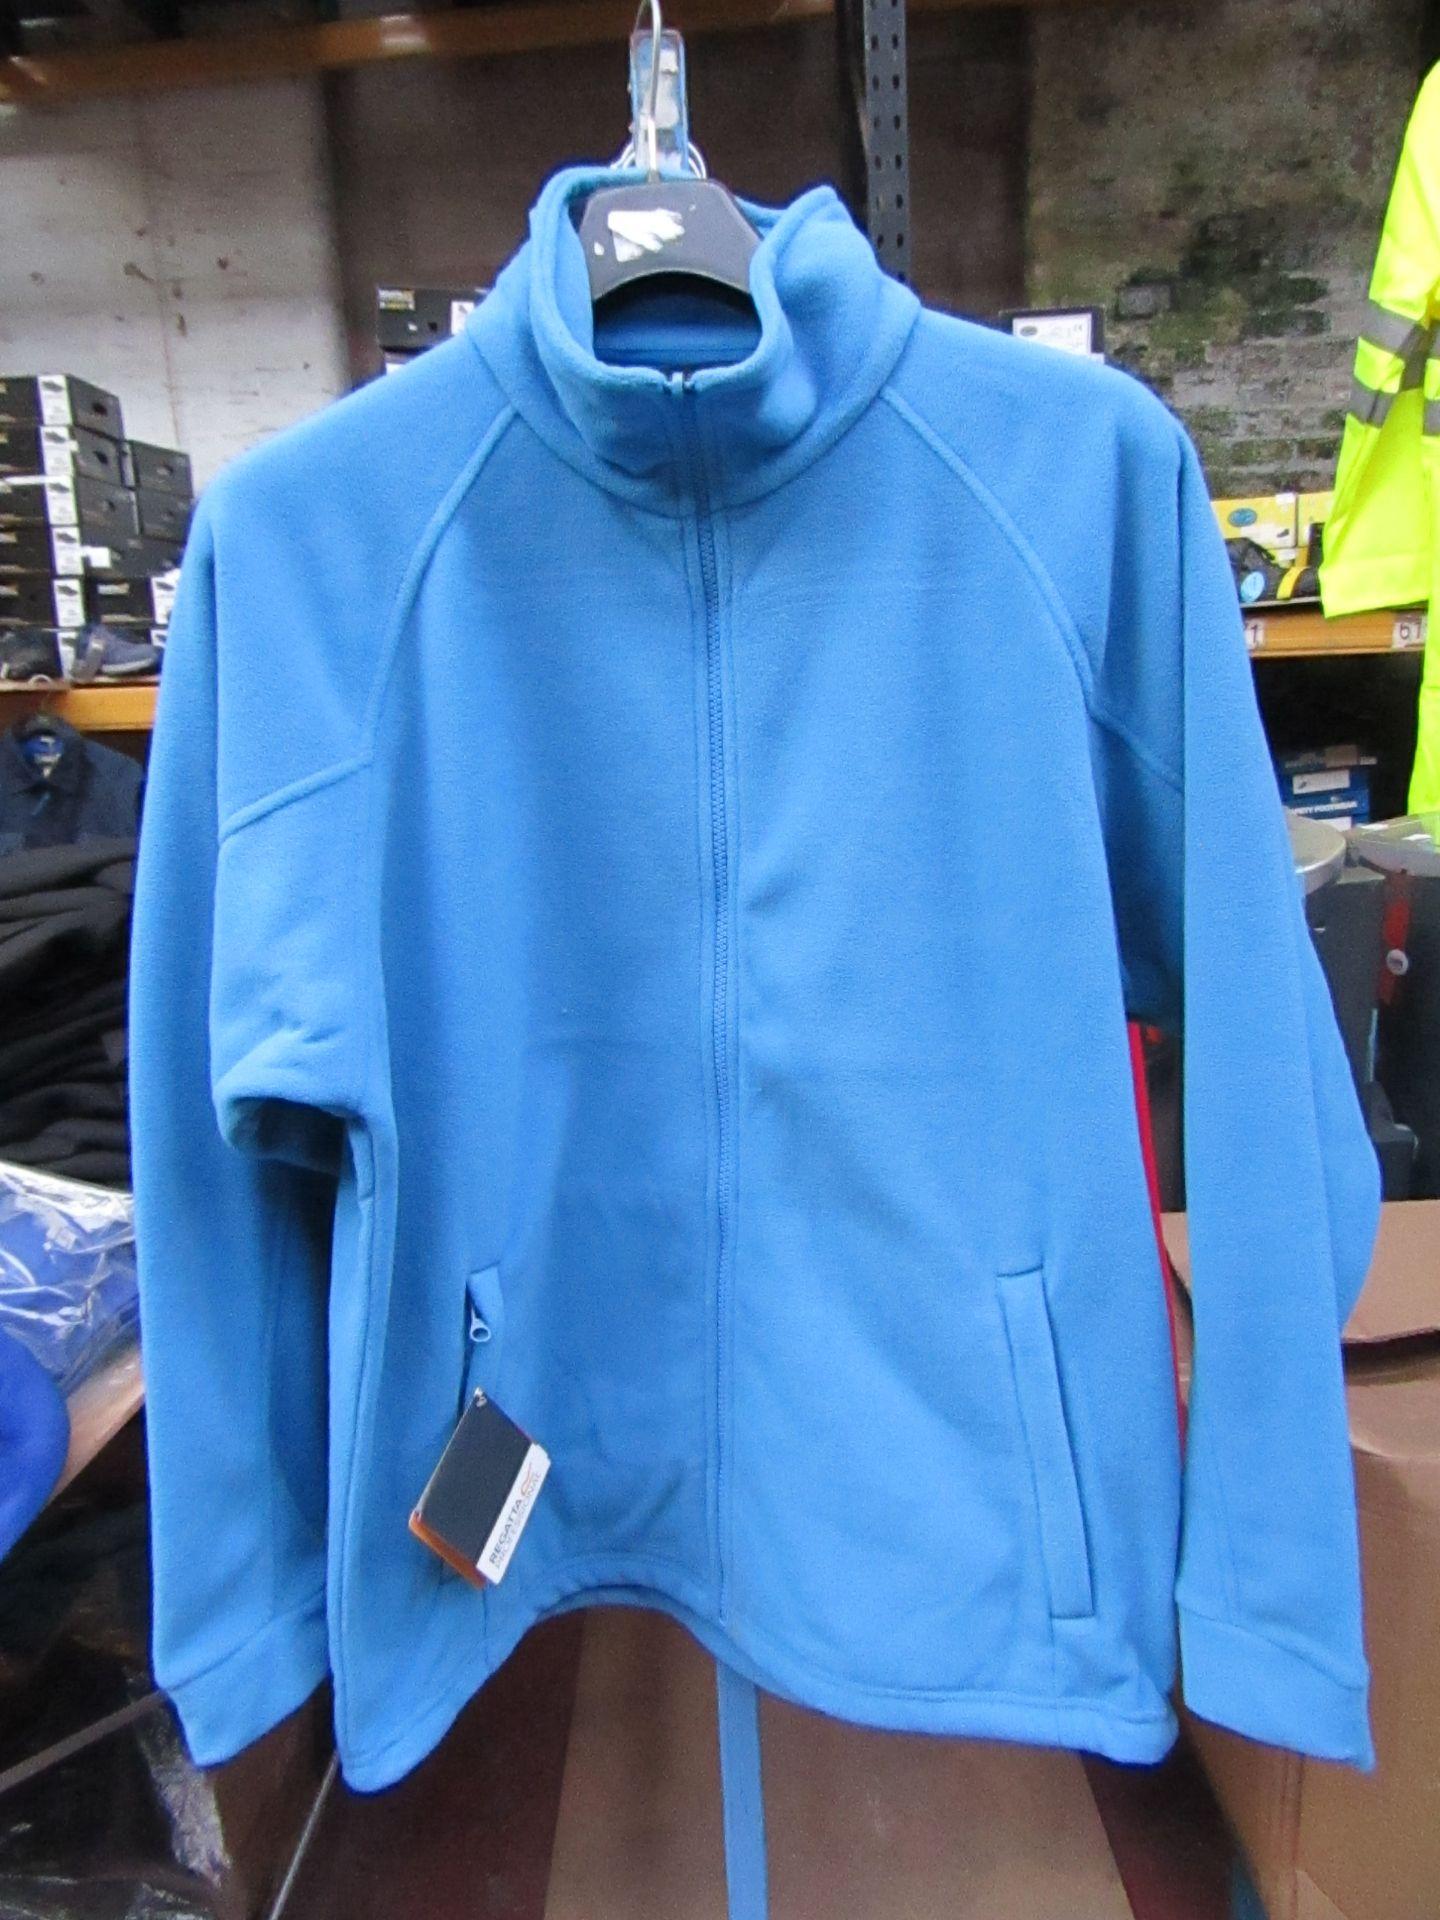 Lot 3 - Men's Regatta Professional Fleece Coastal Blue. Size S. new in Packaging